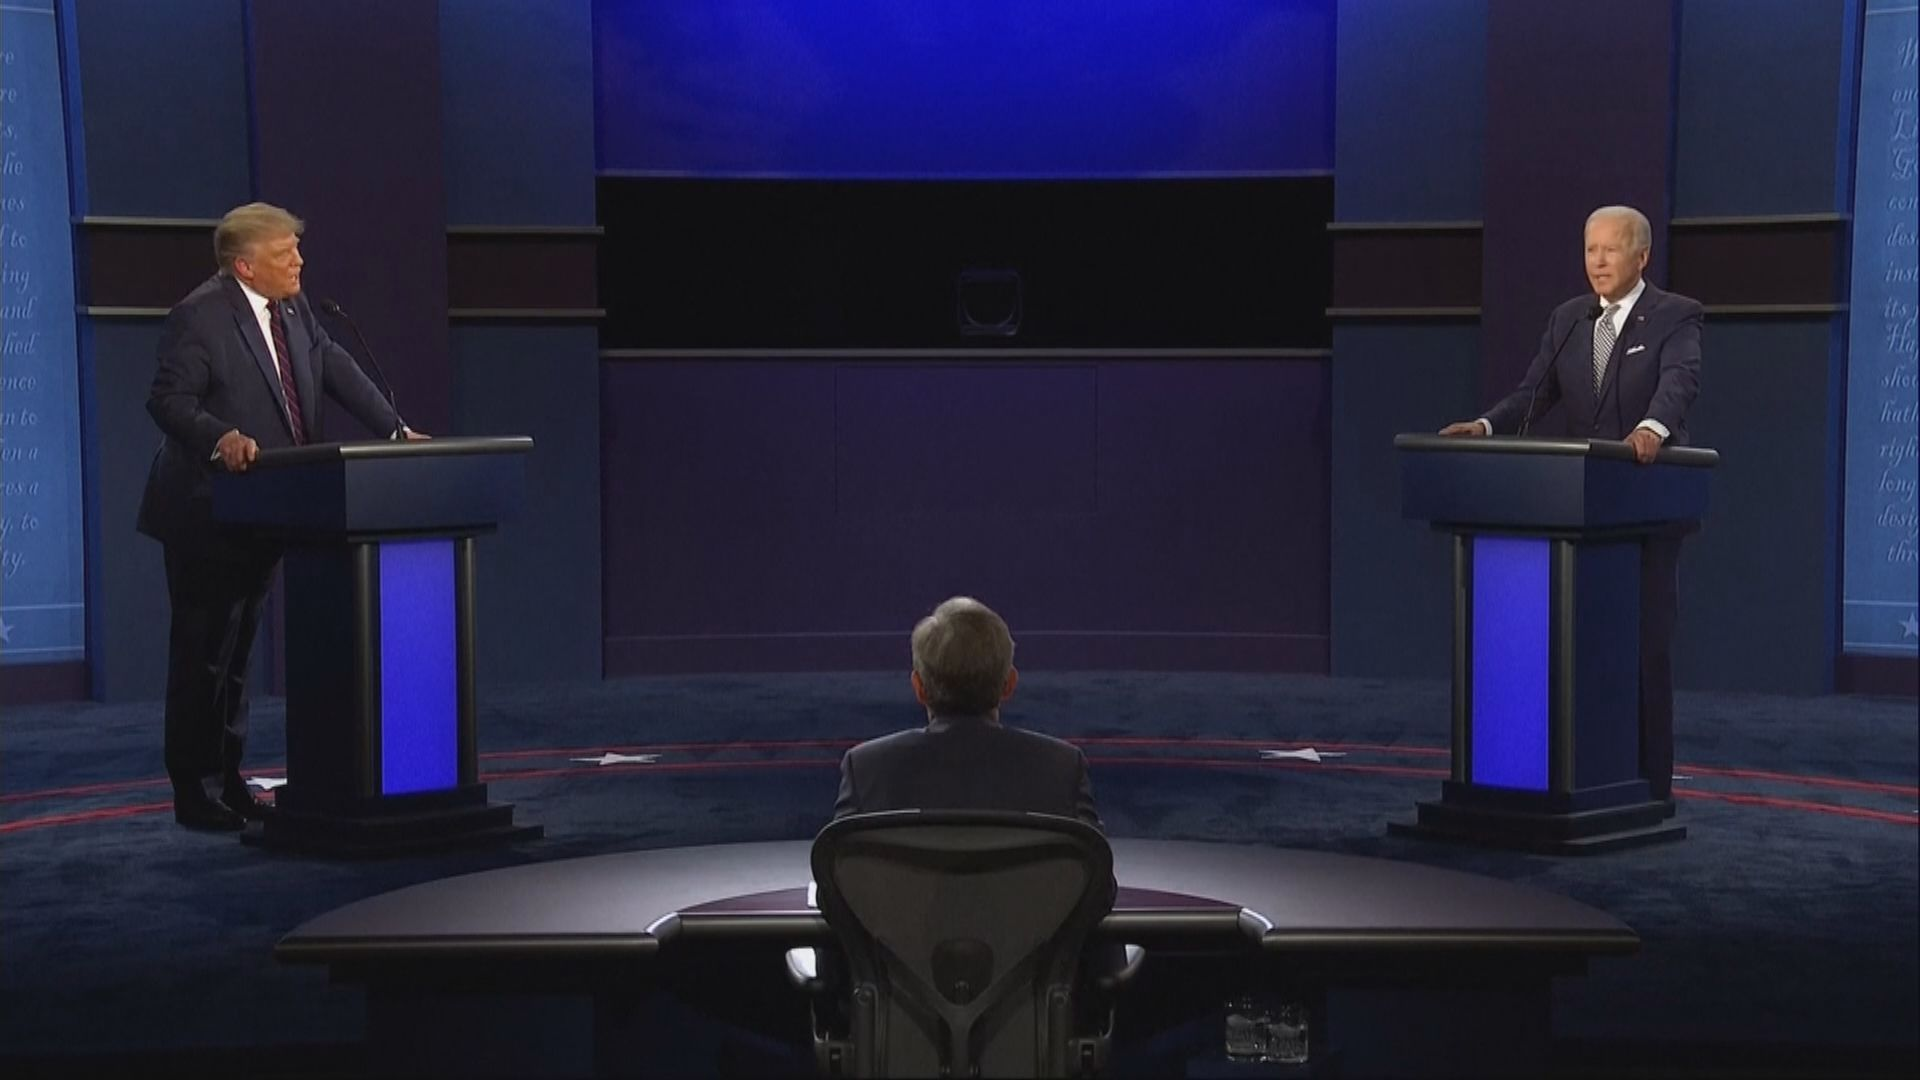 美總統候選人首場辯論 特朗普拜登就多個議題針鋒相對